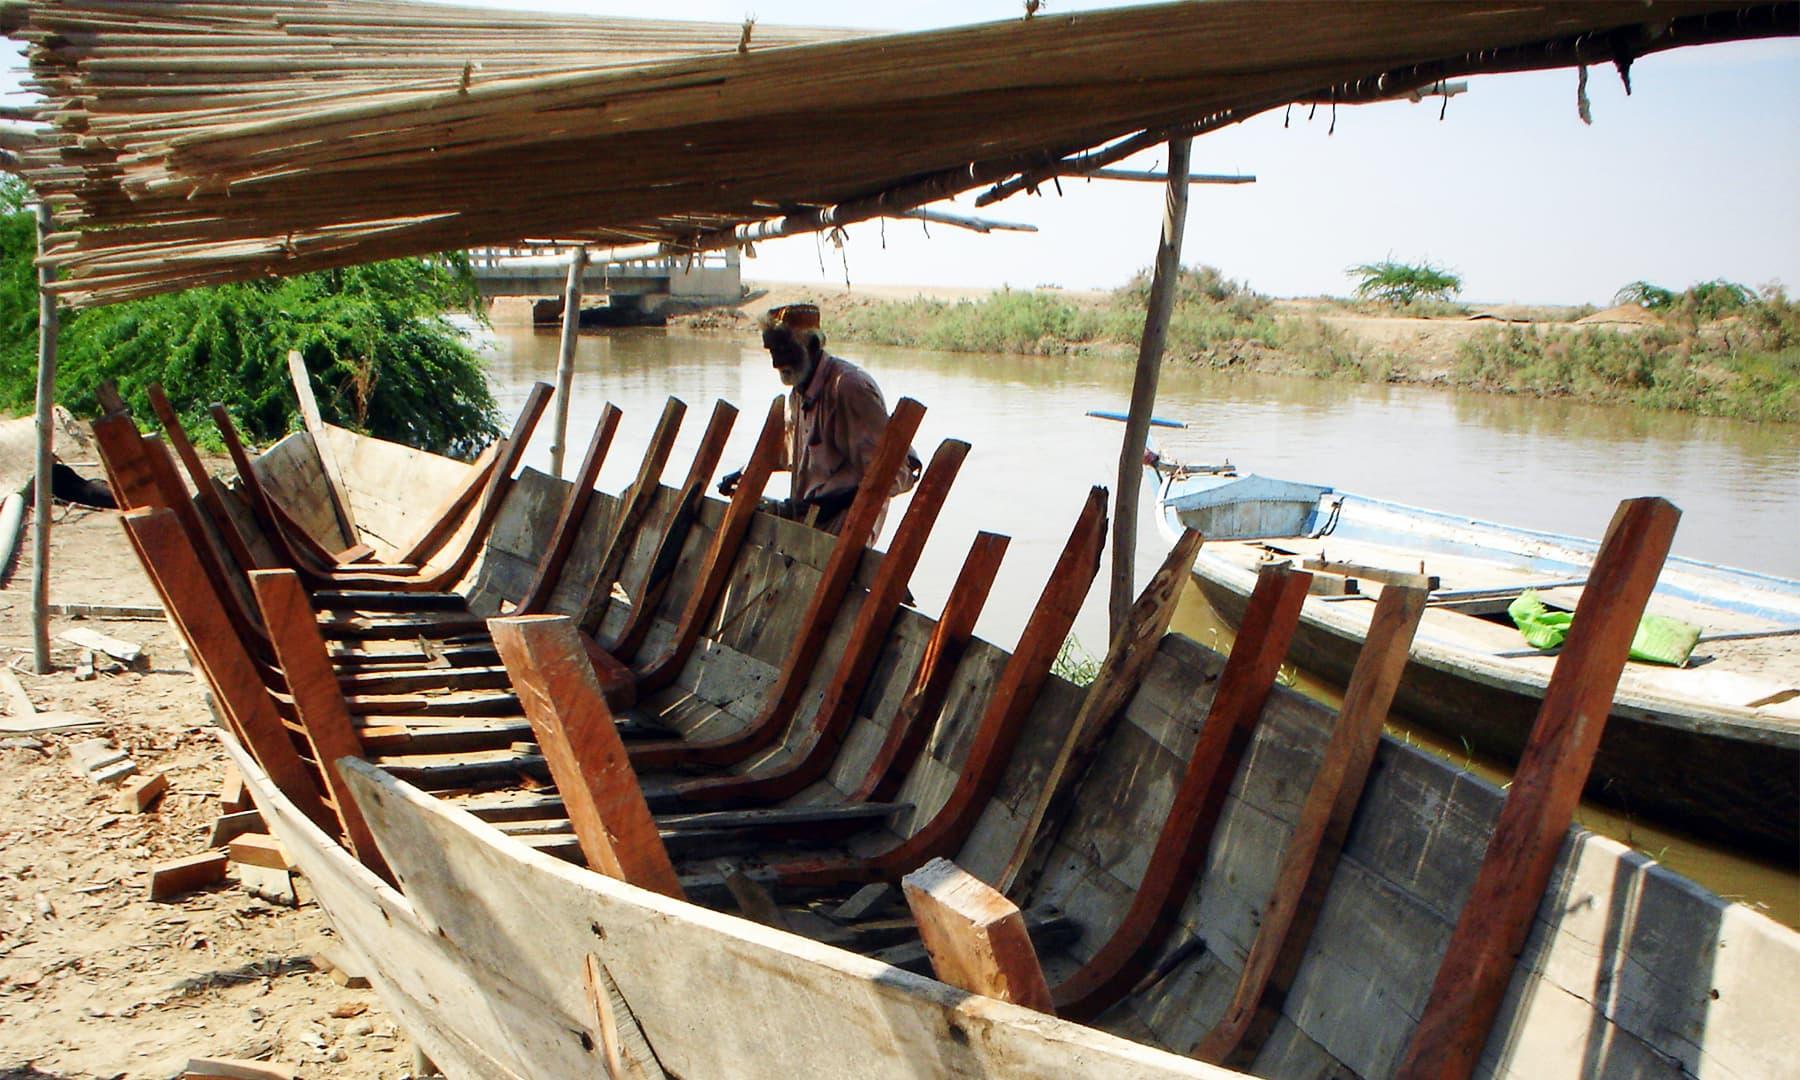 ایک ماہی گیر اپنی کشتی بنانے میں مصروف ہے — ابوبکر شیخ